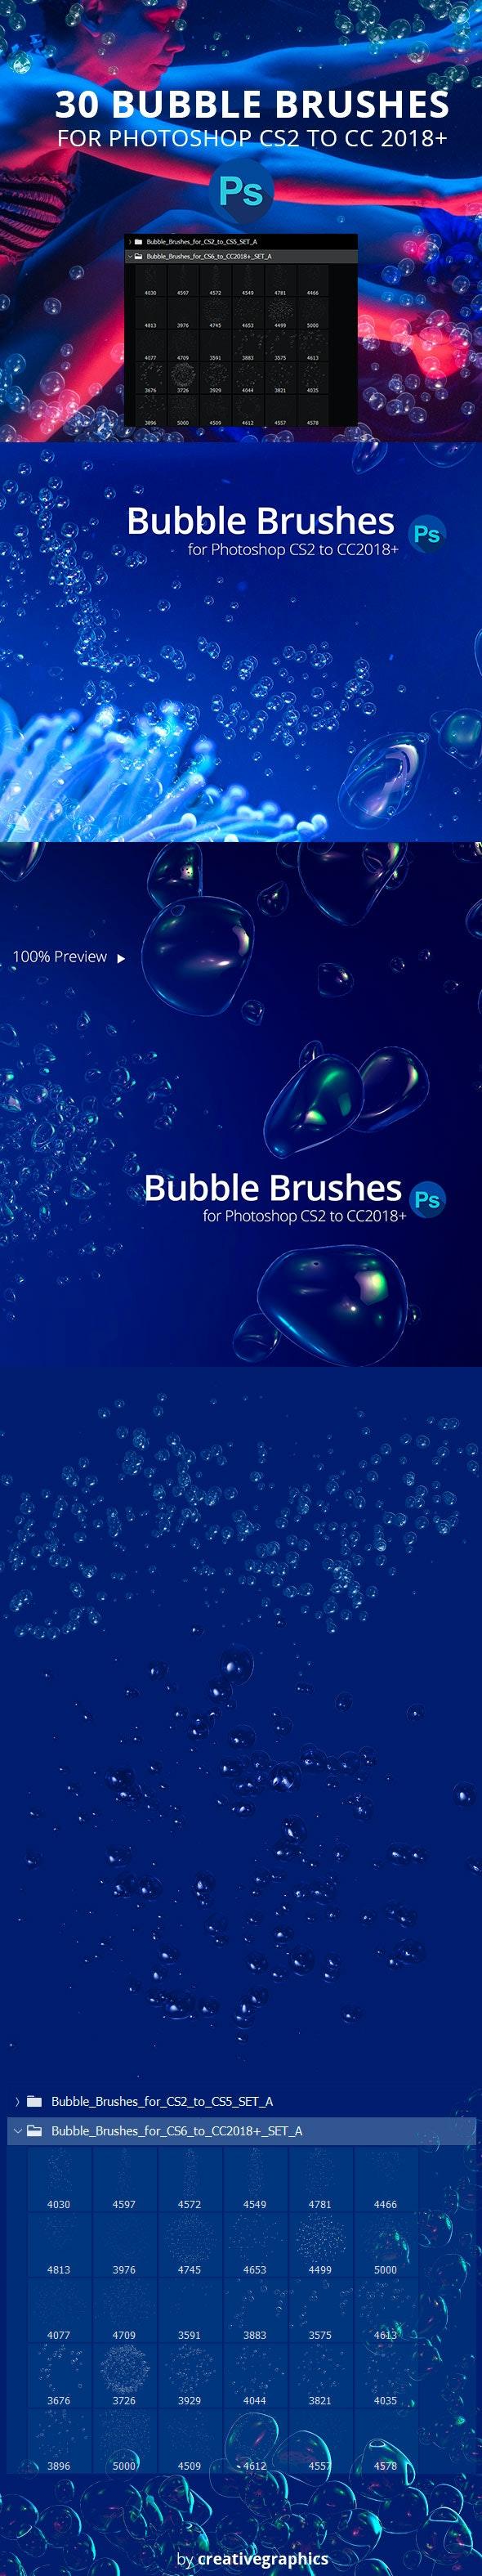 30 Bubble Brushes for Photoshop - Brushes Photoshop